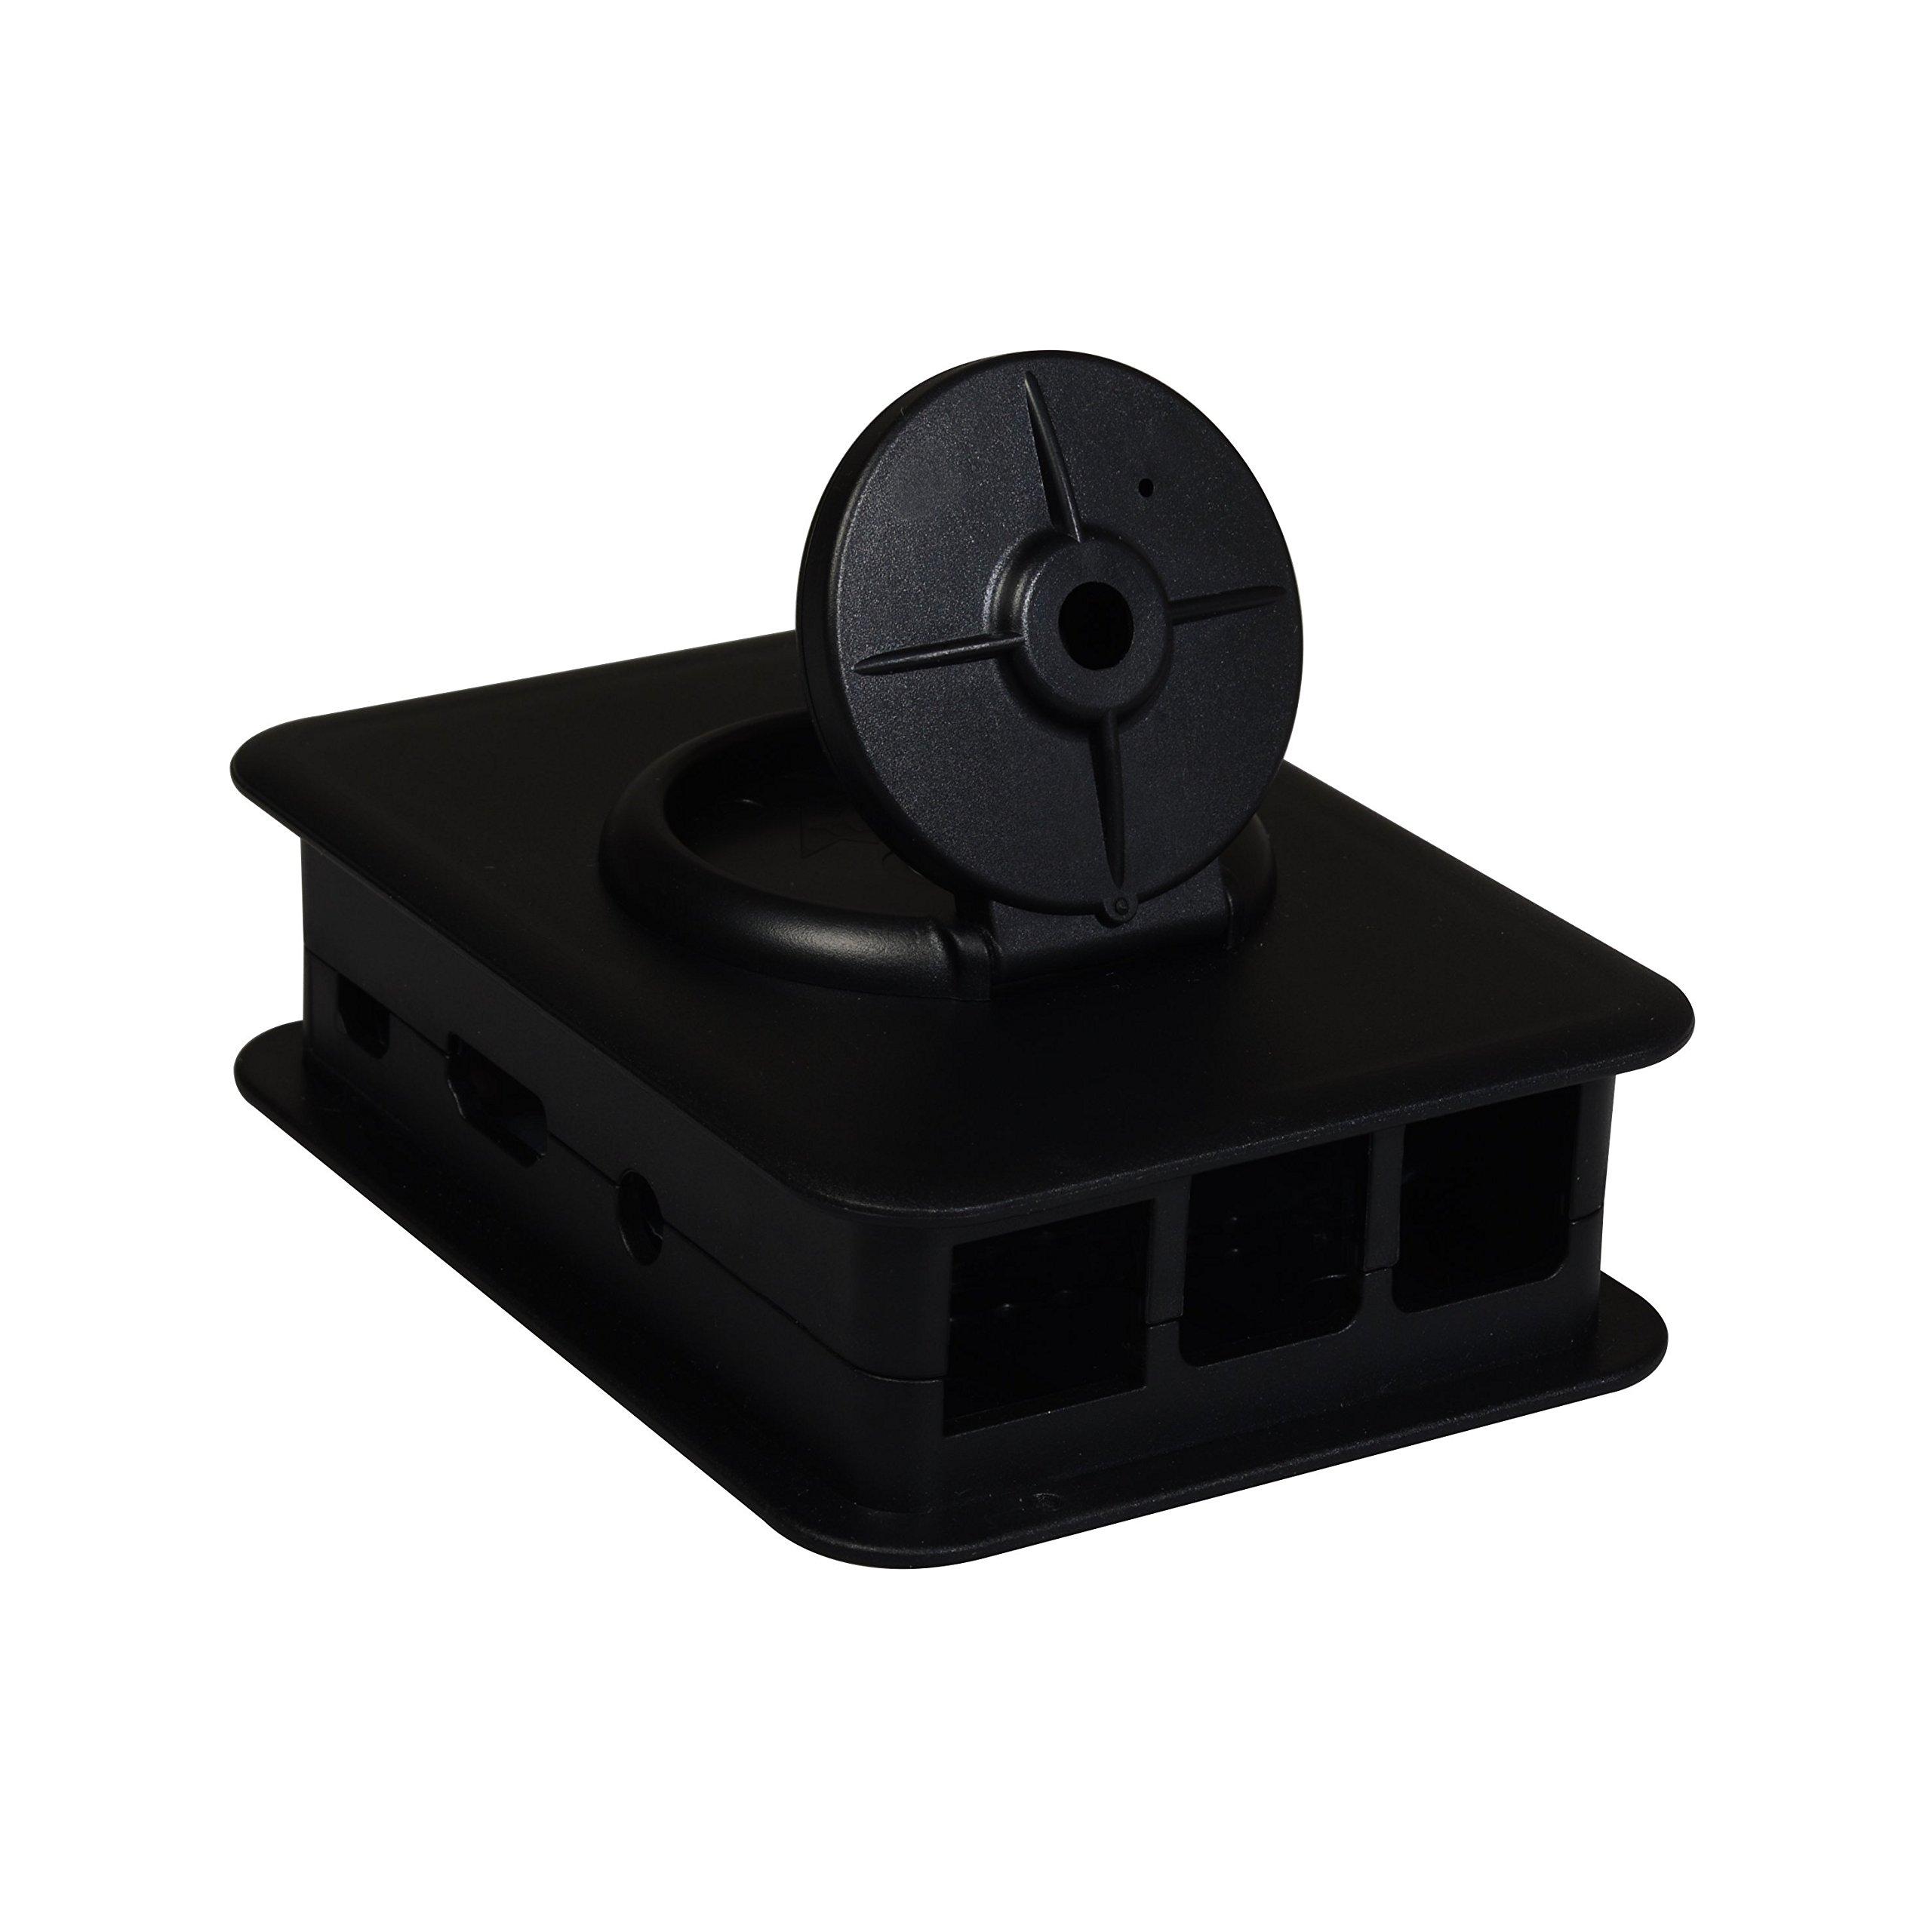 TEK-CAM3: Your Raspberry Pi + Camera Module Case (Pi3, Pi2, and B+) - Black